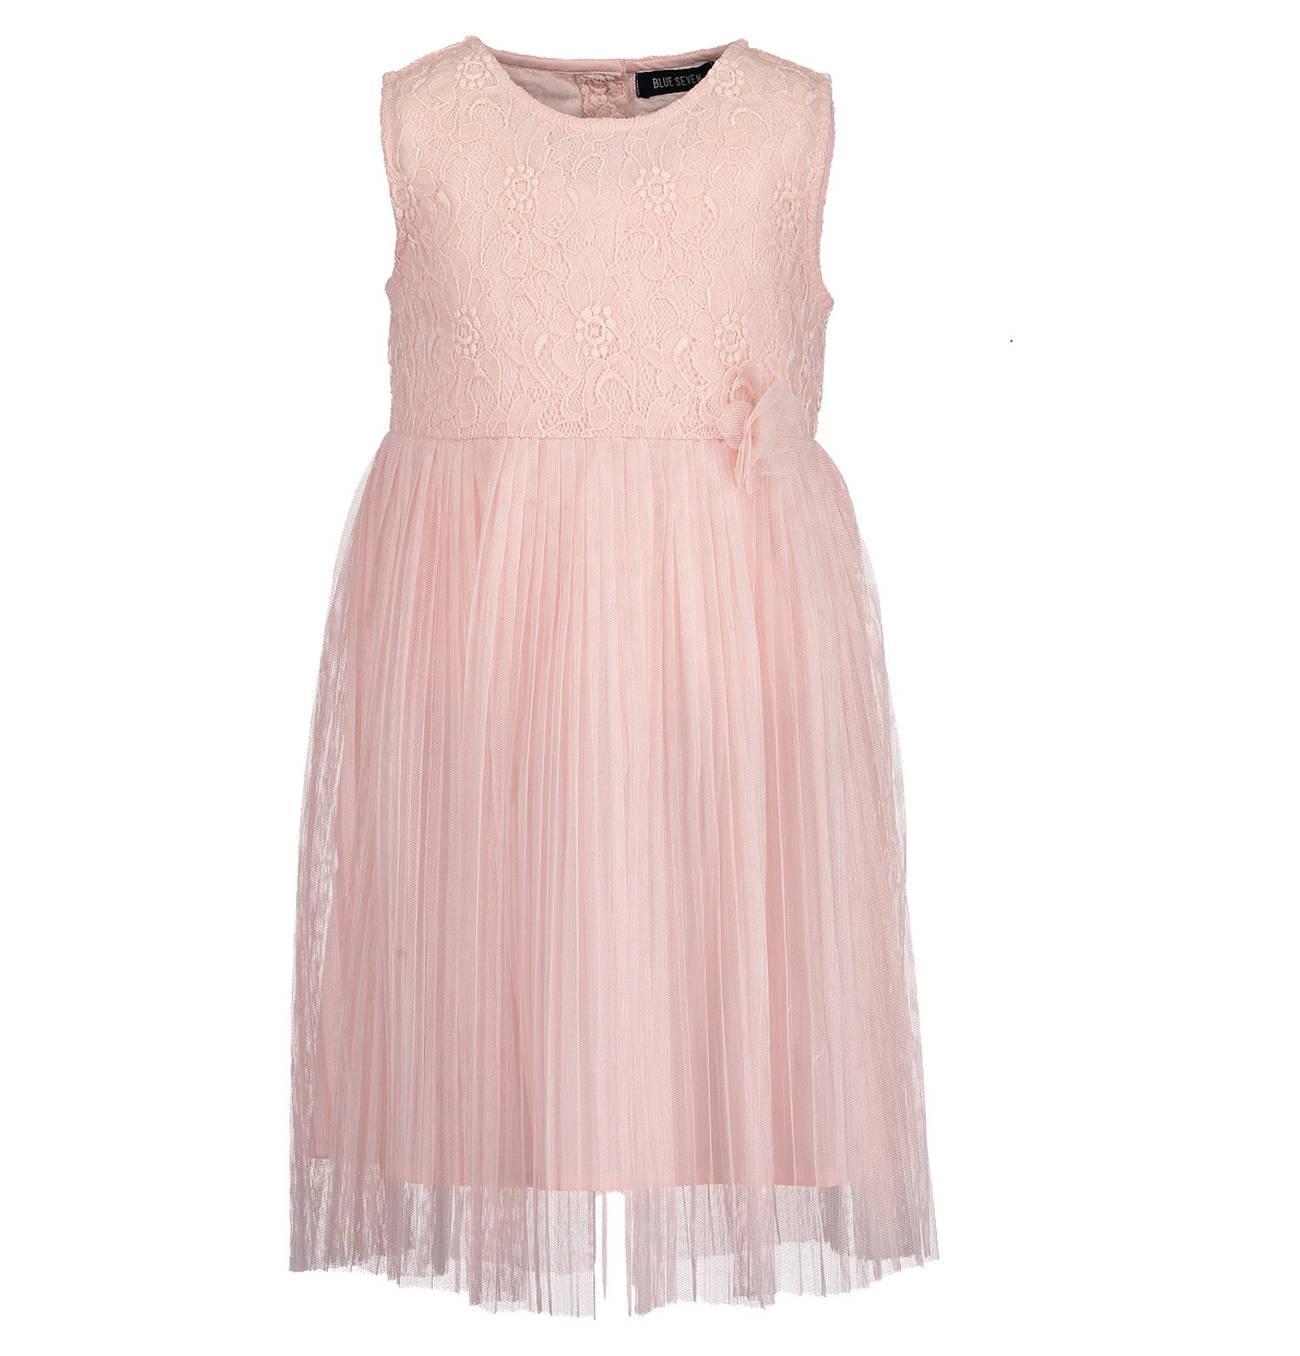 Kleid, Plisseekleid, für Mädchen  Plissee kleid, Kinder kleider